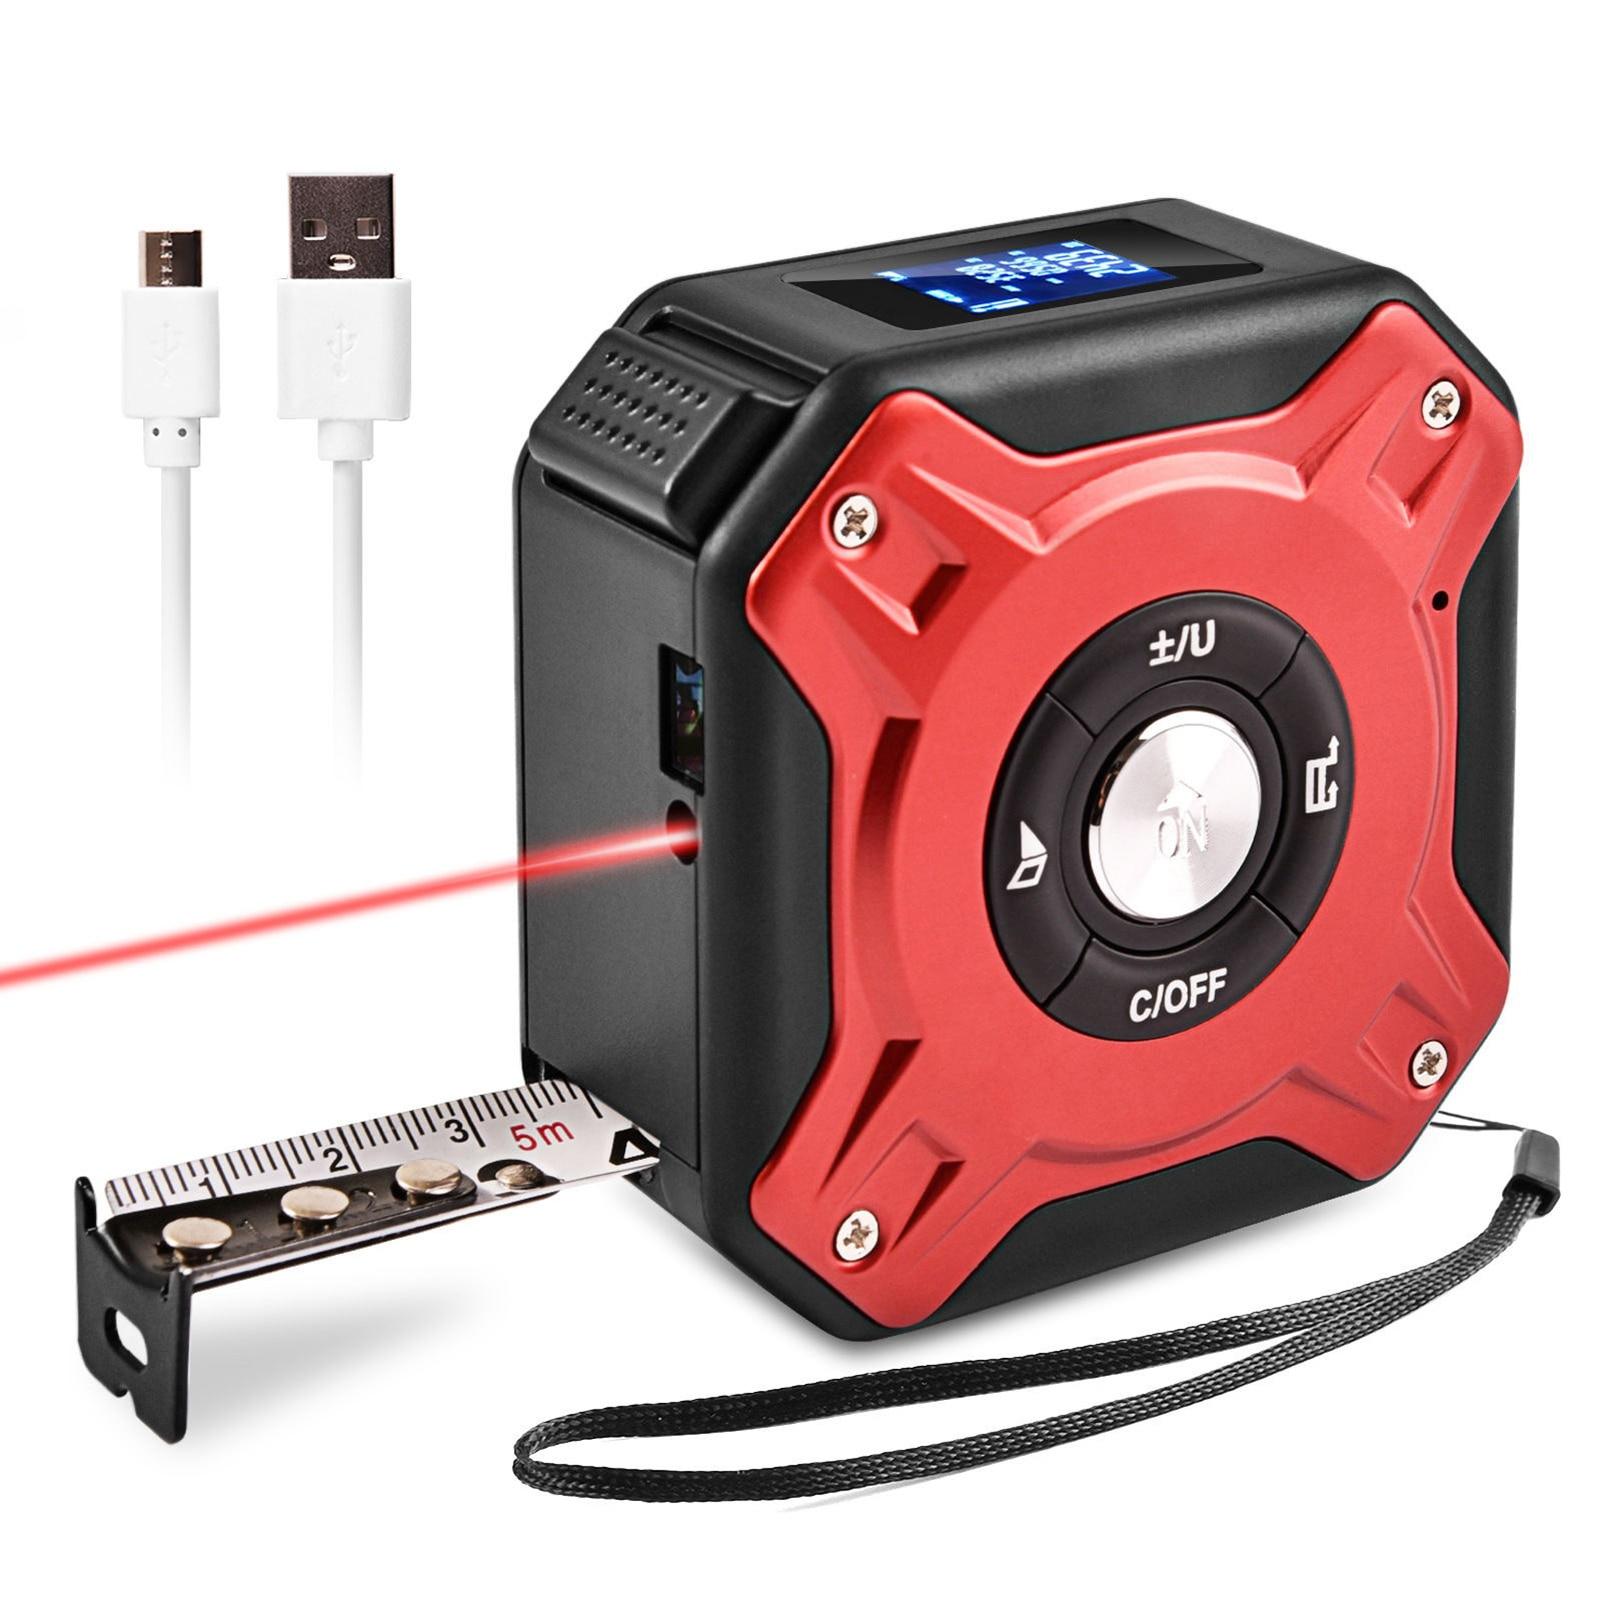 Fita de Medição Medidor de Distância Ferramenta de Medição de Alta Digital Laser Retrátil Multifuncional Precisão 40m 2-em-1